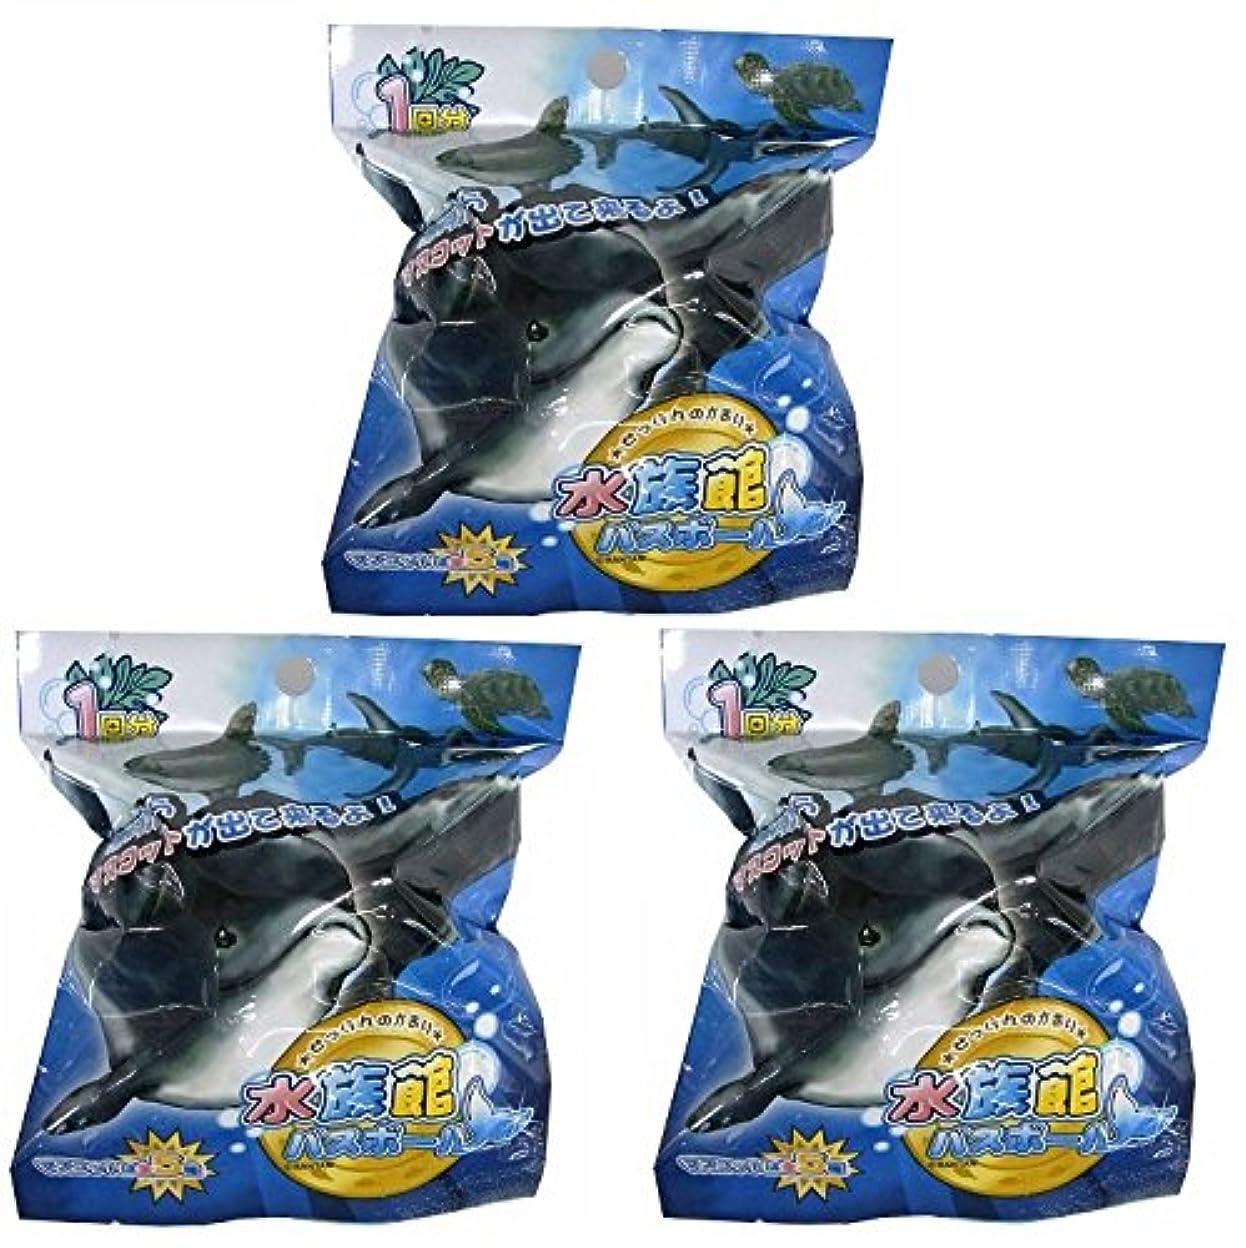 ブリーク巨人国家水族館 バスボール2 入浴剤 まとめ買い 3個セット